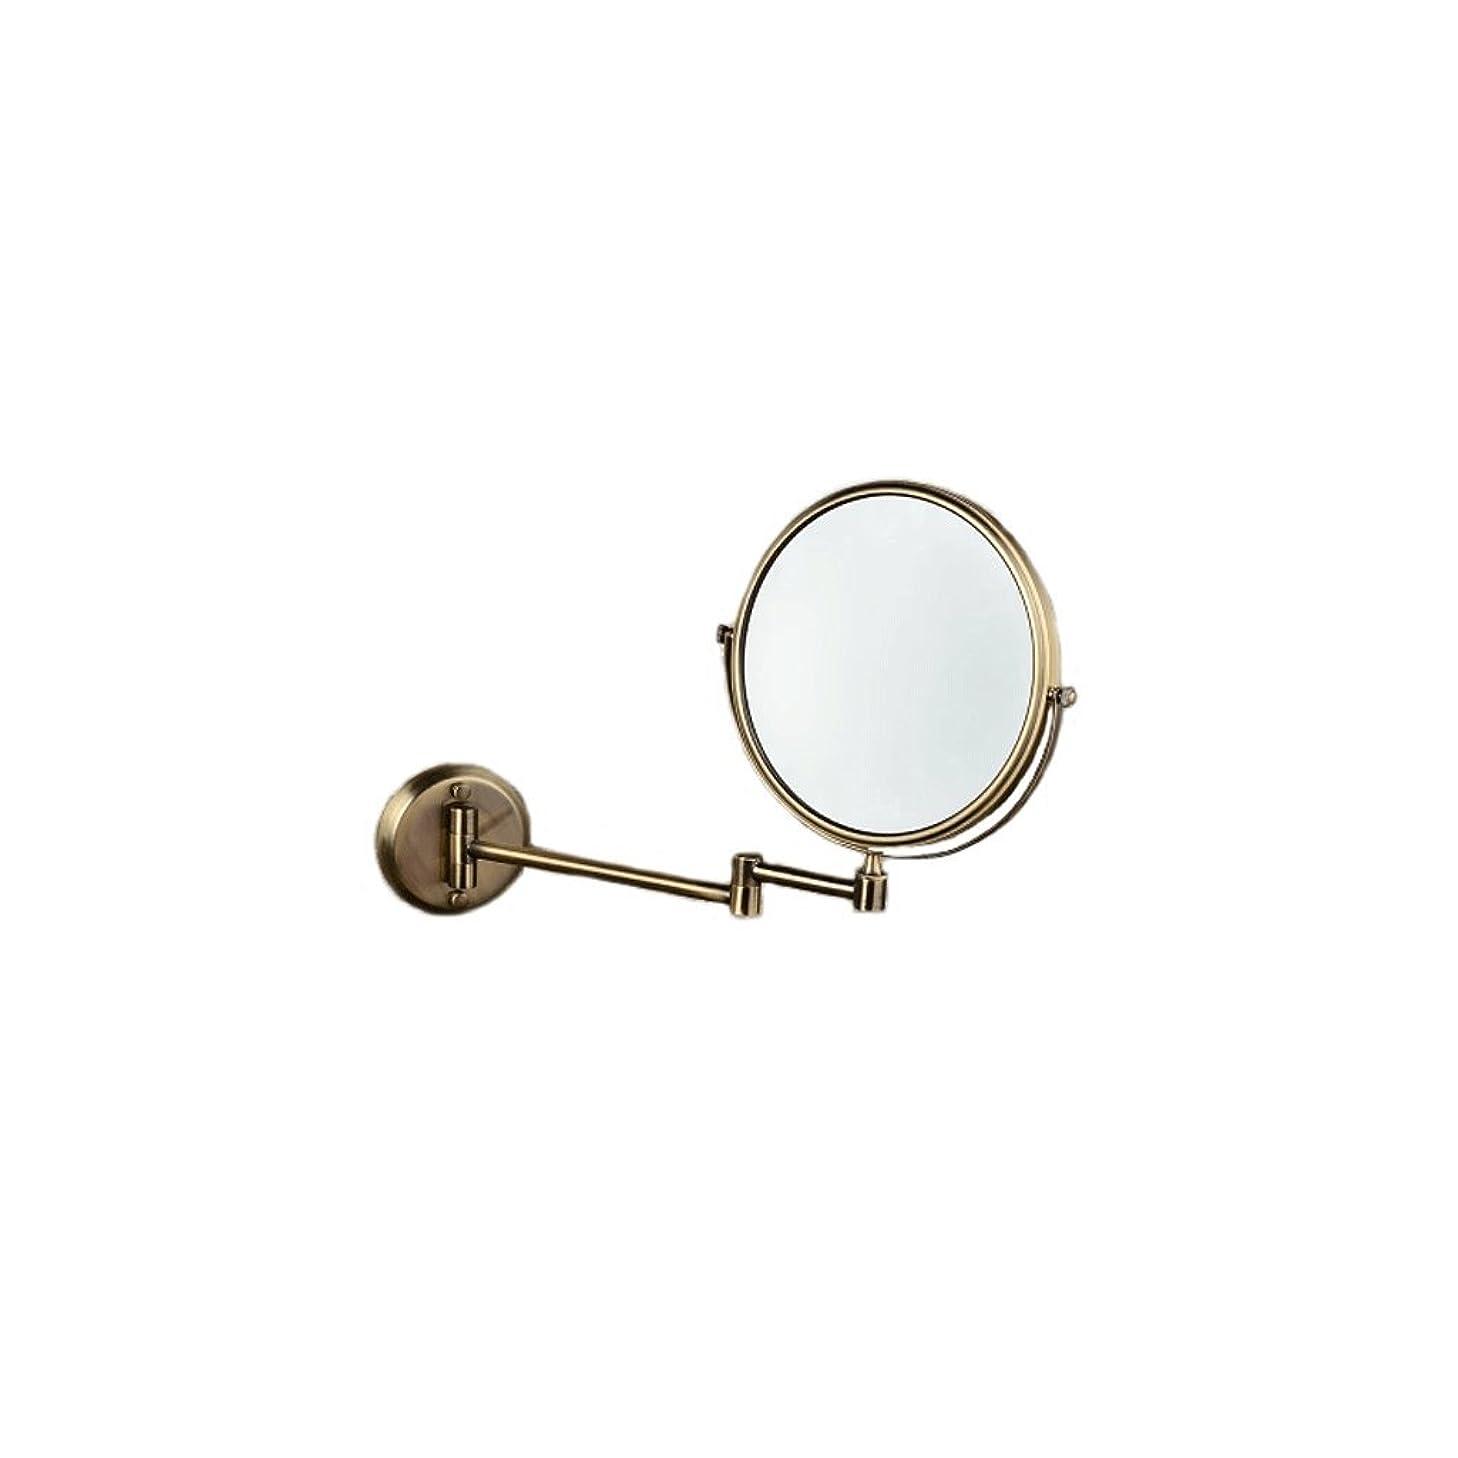 煙突安定した十JTWJ グリーンブロンズ壁掛け美容ミラー浴室壁掛けミラー格納式化粧鏡レトロミラー